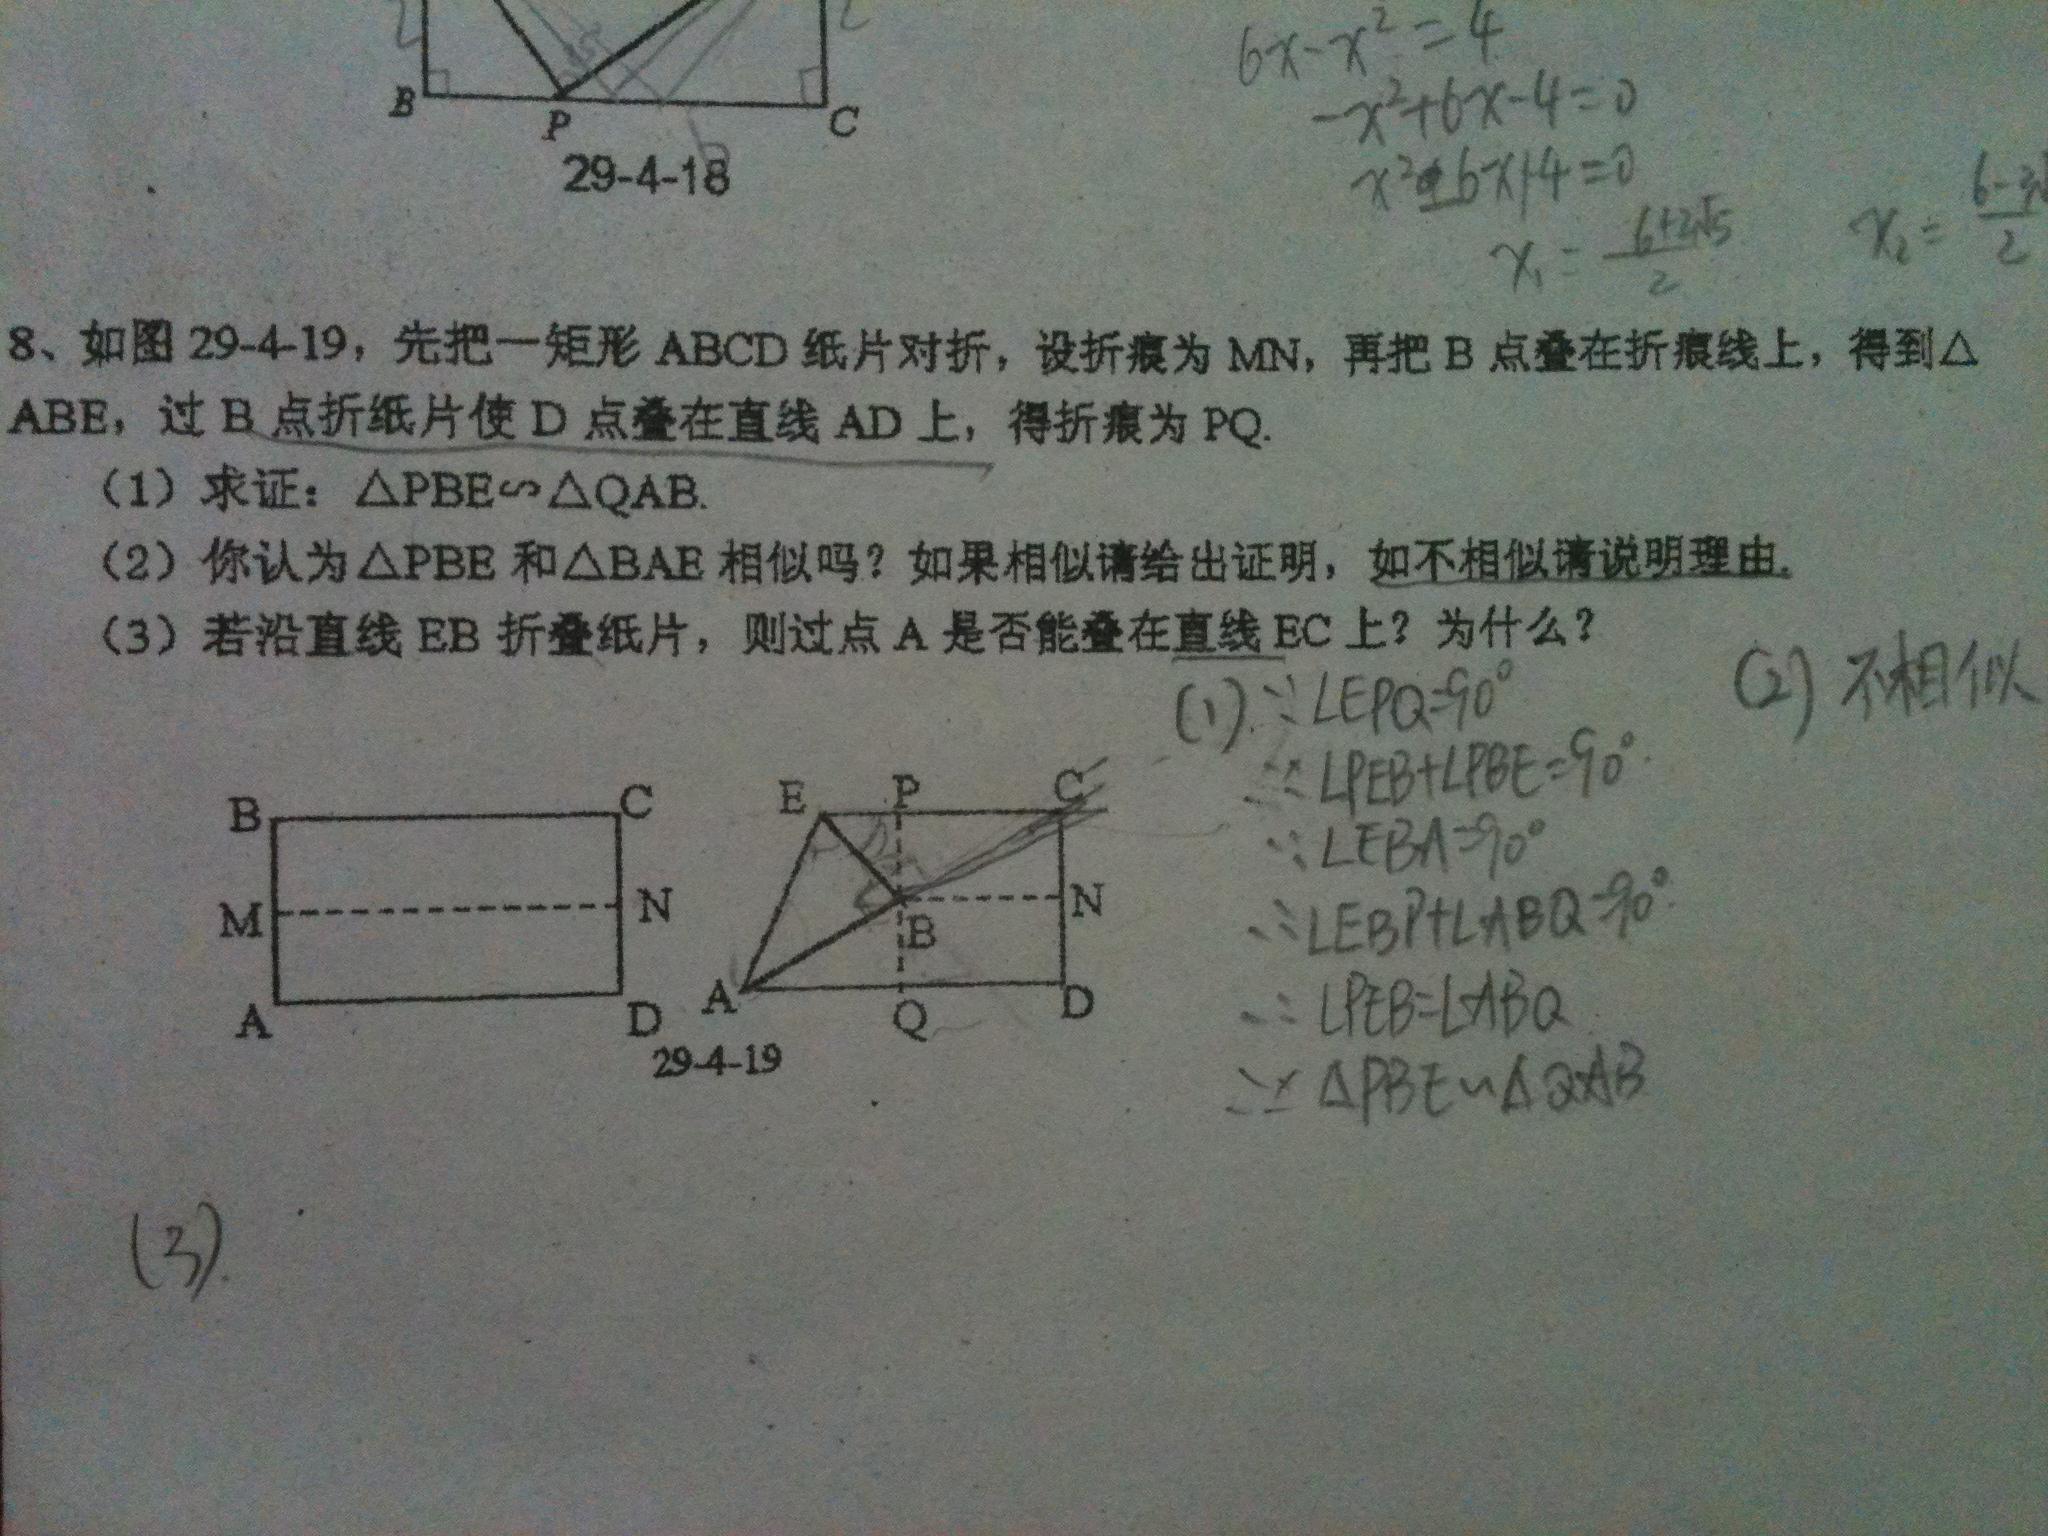 相似三角形_几何图形的初步认识_数学_初三_简单学习